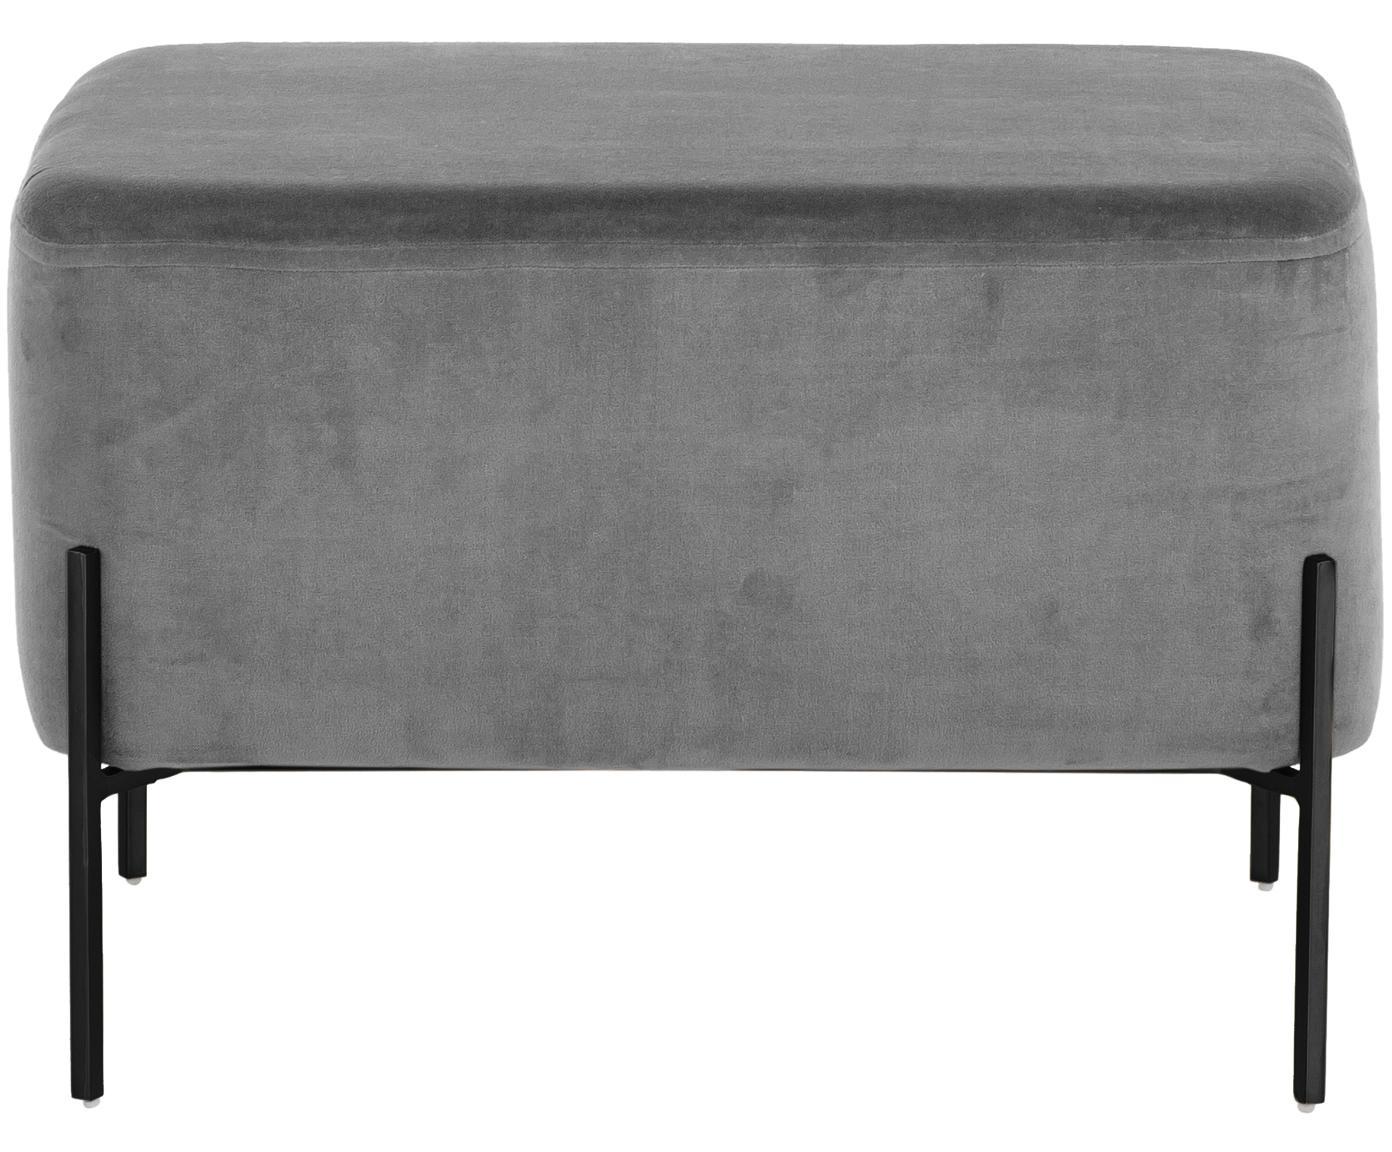 Puf z aksamitu XL Harper, Tapicerka: aksamit bawełniany, Szary, czarny, S 64 x W 44 cm